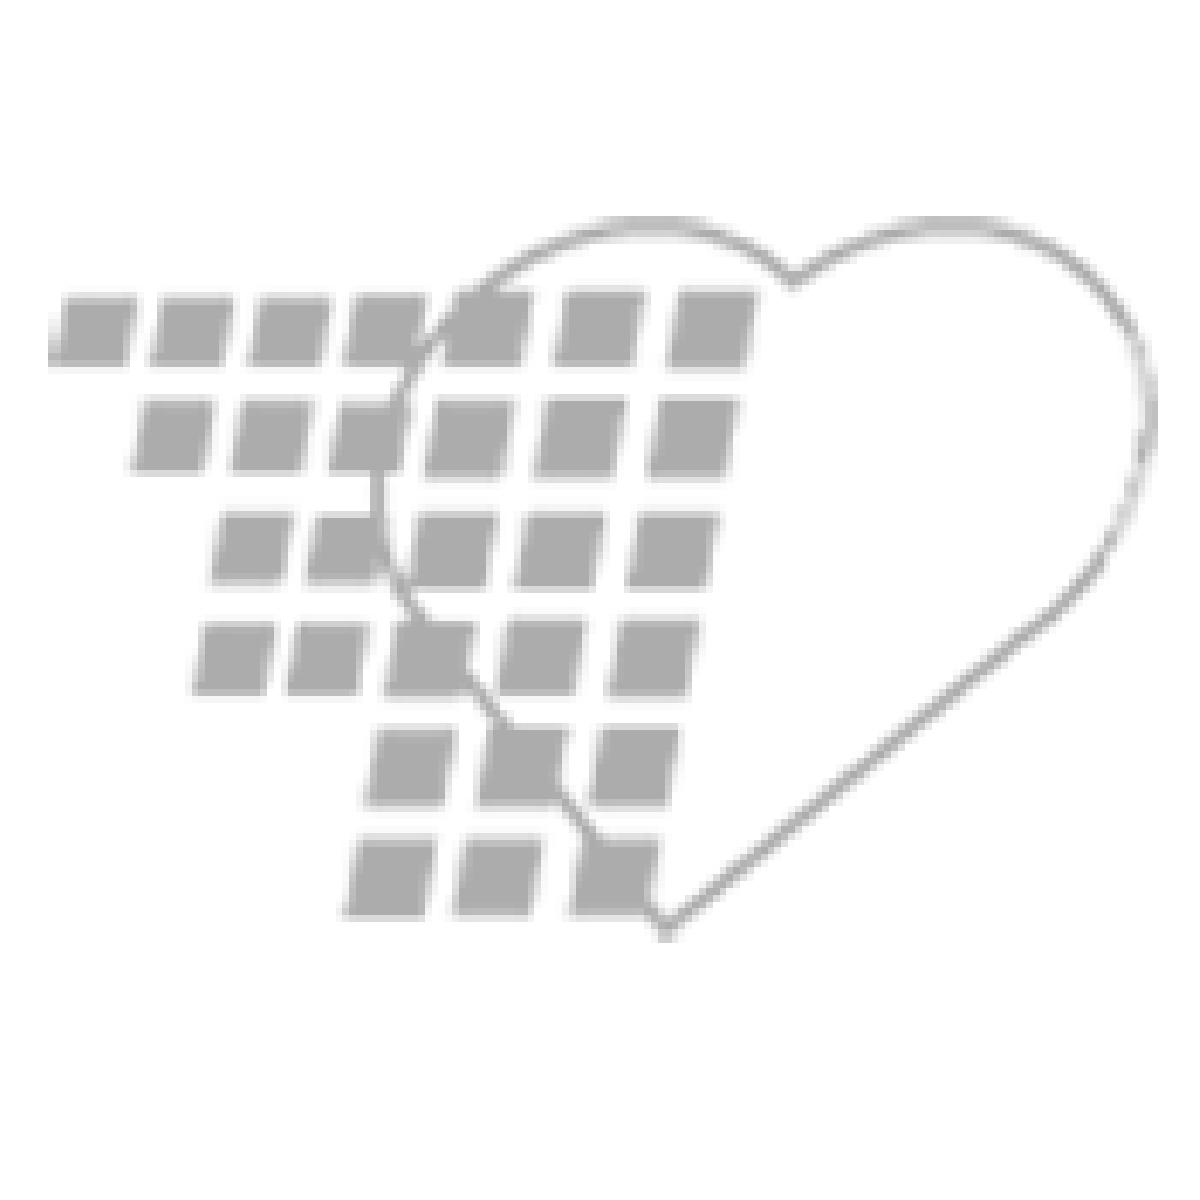 02-87-3668 Simulating Urinalysis Kit